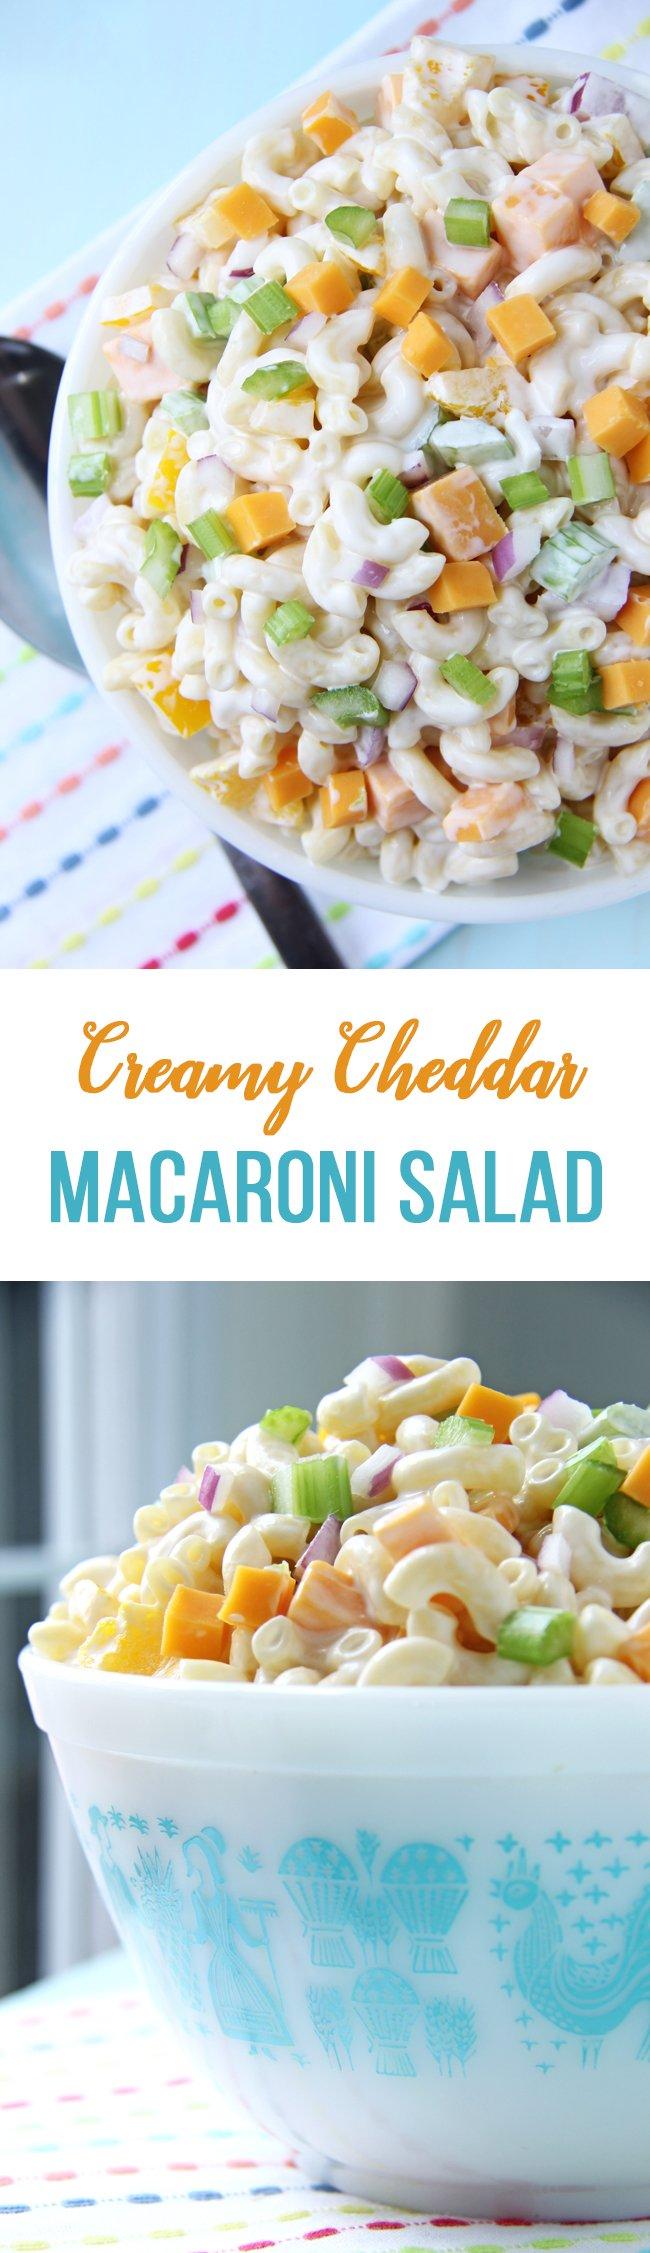 Creamy Cheddar Macaroni Salad